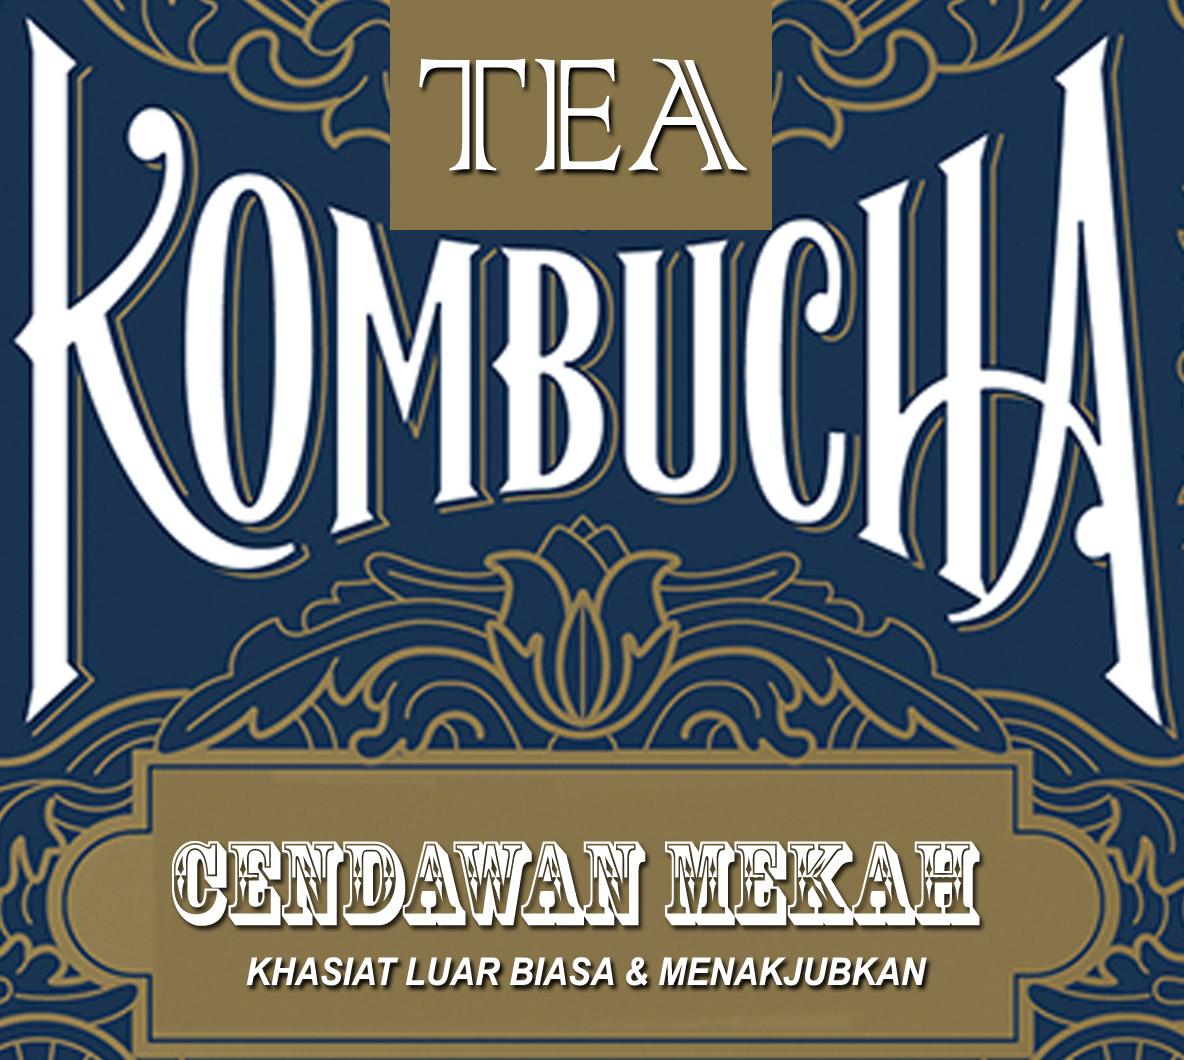 LAMAN KOMBUCHA TEA @ CENDAWAN MEKAH @ IBU SOM